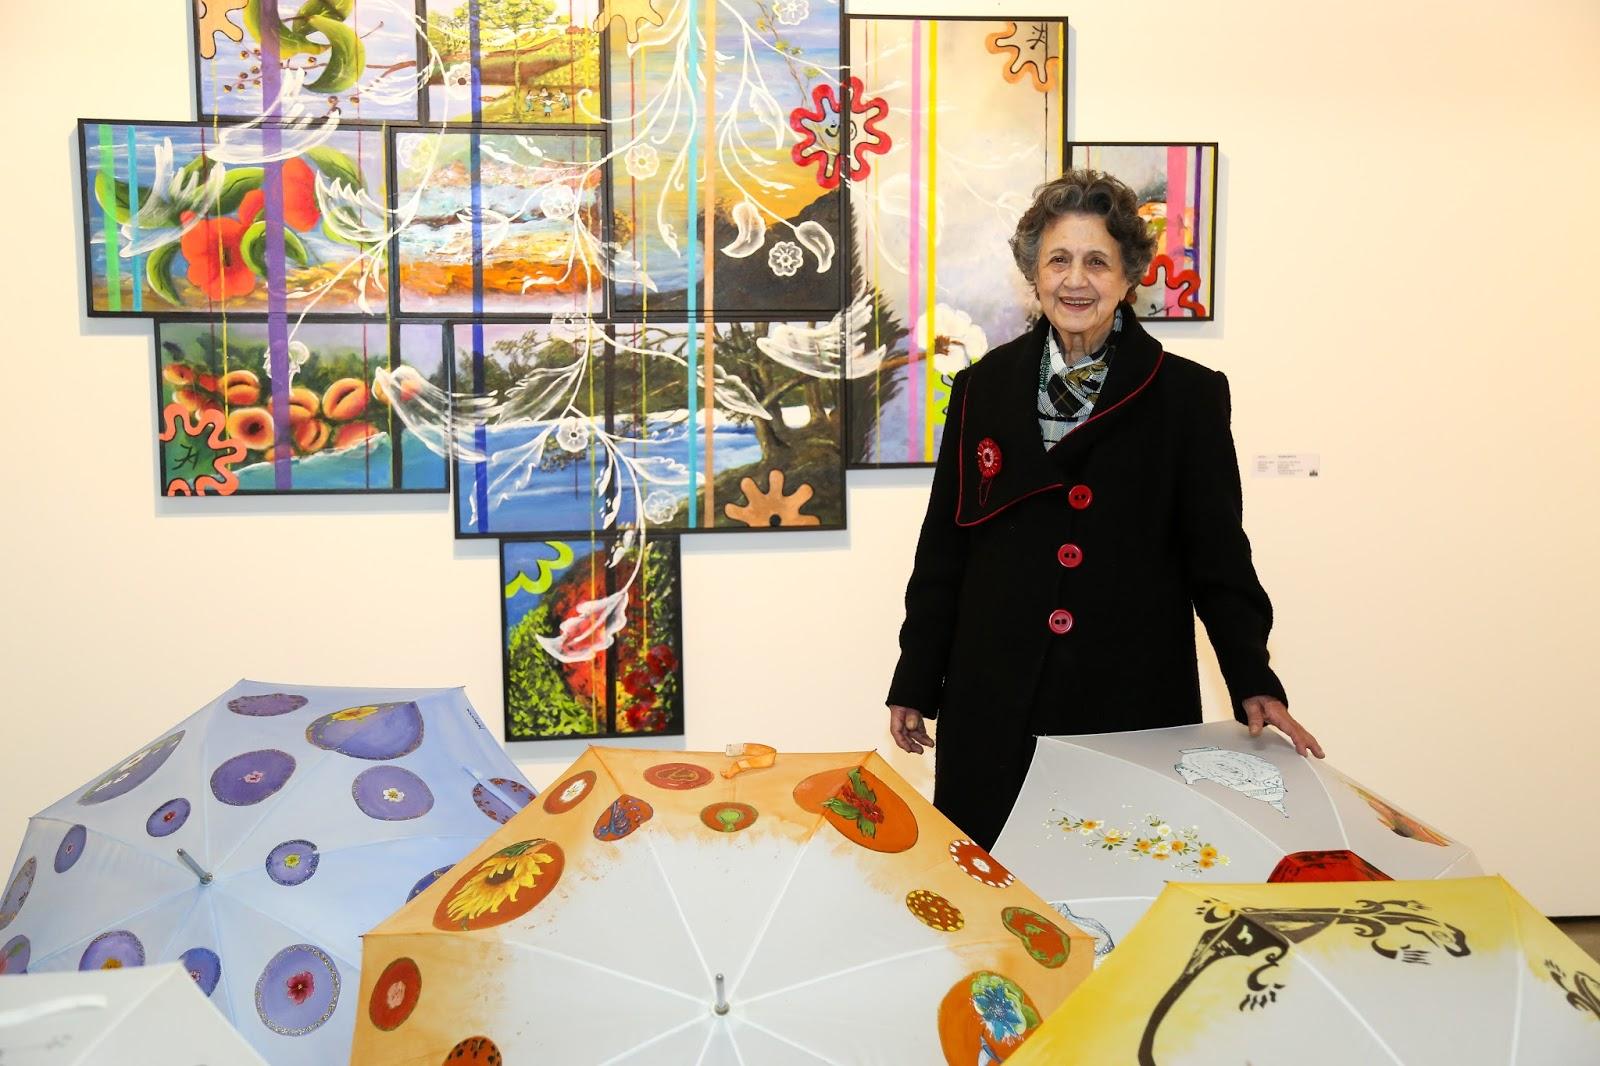 Com a curadoria de Edilson Viriato, as artistas plásticas Ana Serafin,  Denise Abujamra, Elisiane Corrêa, Jayabujamra, Marinice Costa e Soraya  Milani ... 471ed9d354